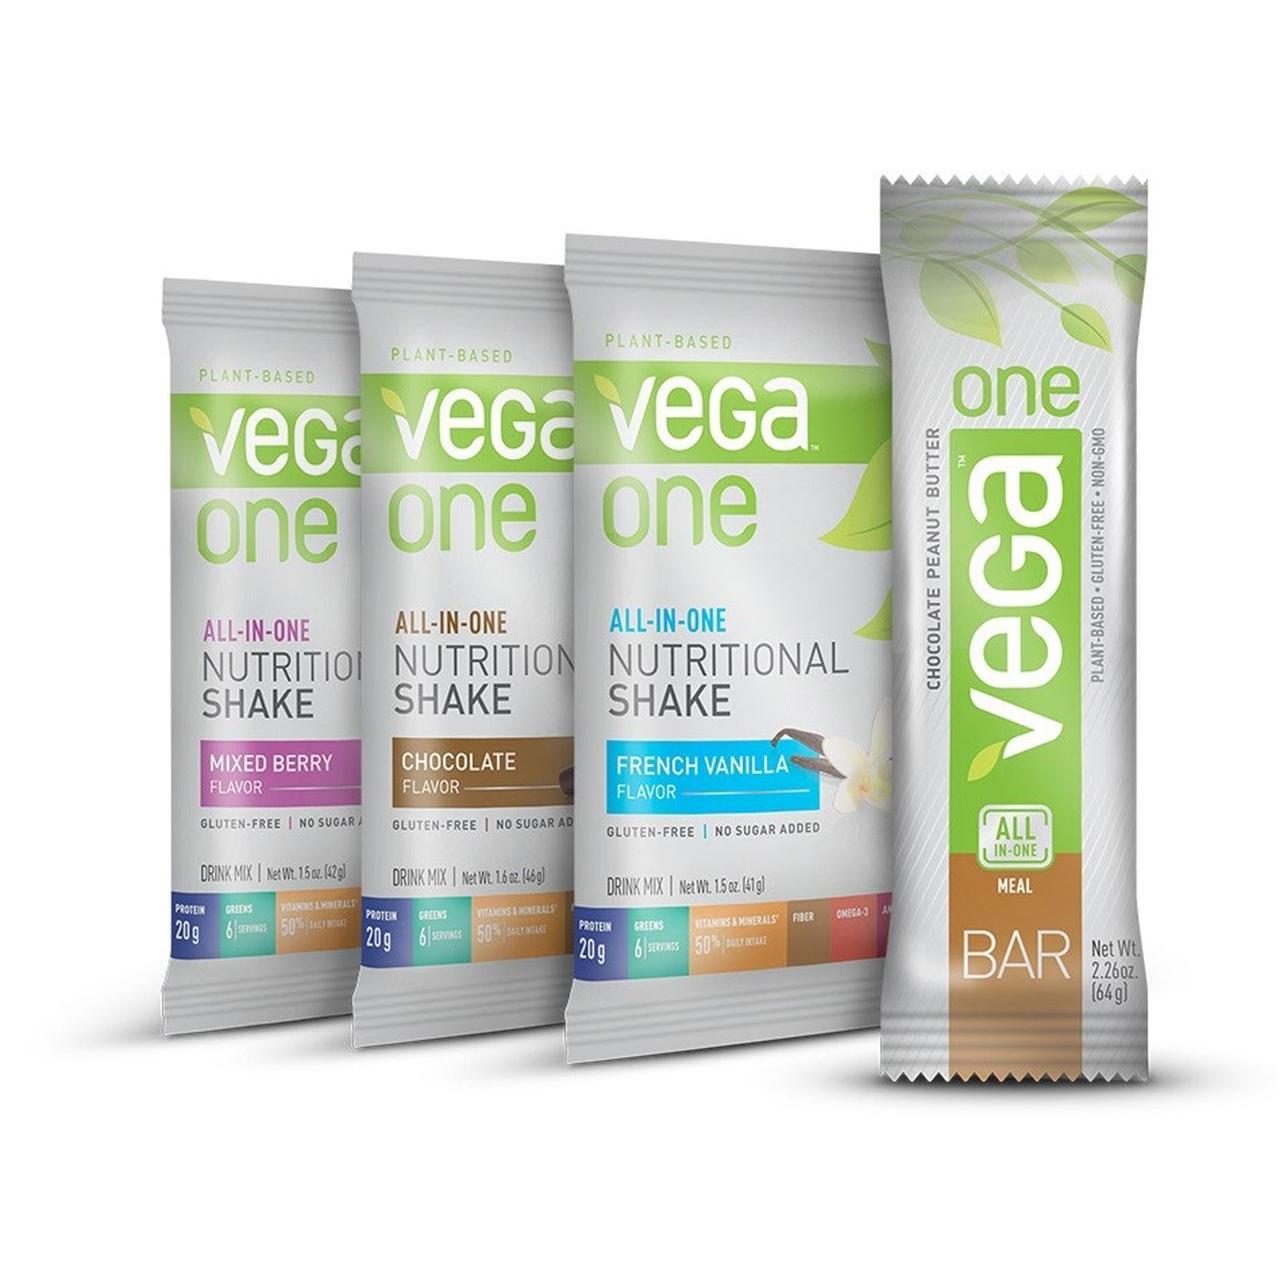 Vega, Vega One, все в одном, питательные коктейли и батончик арахисового масла, 4 пакетика